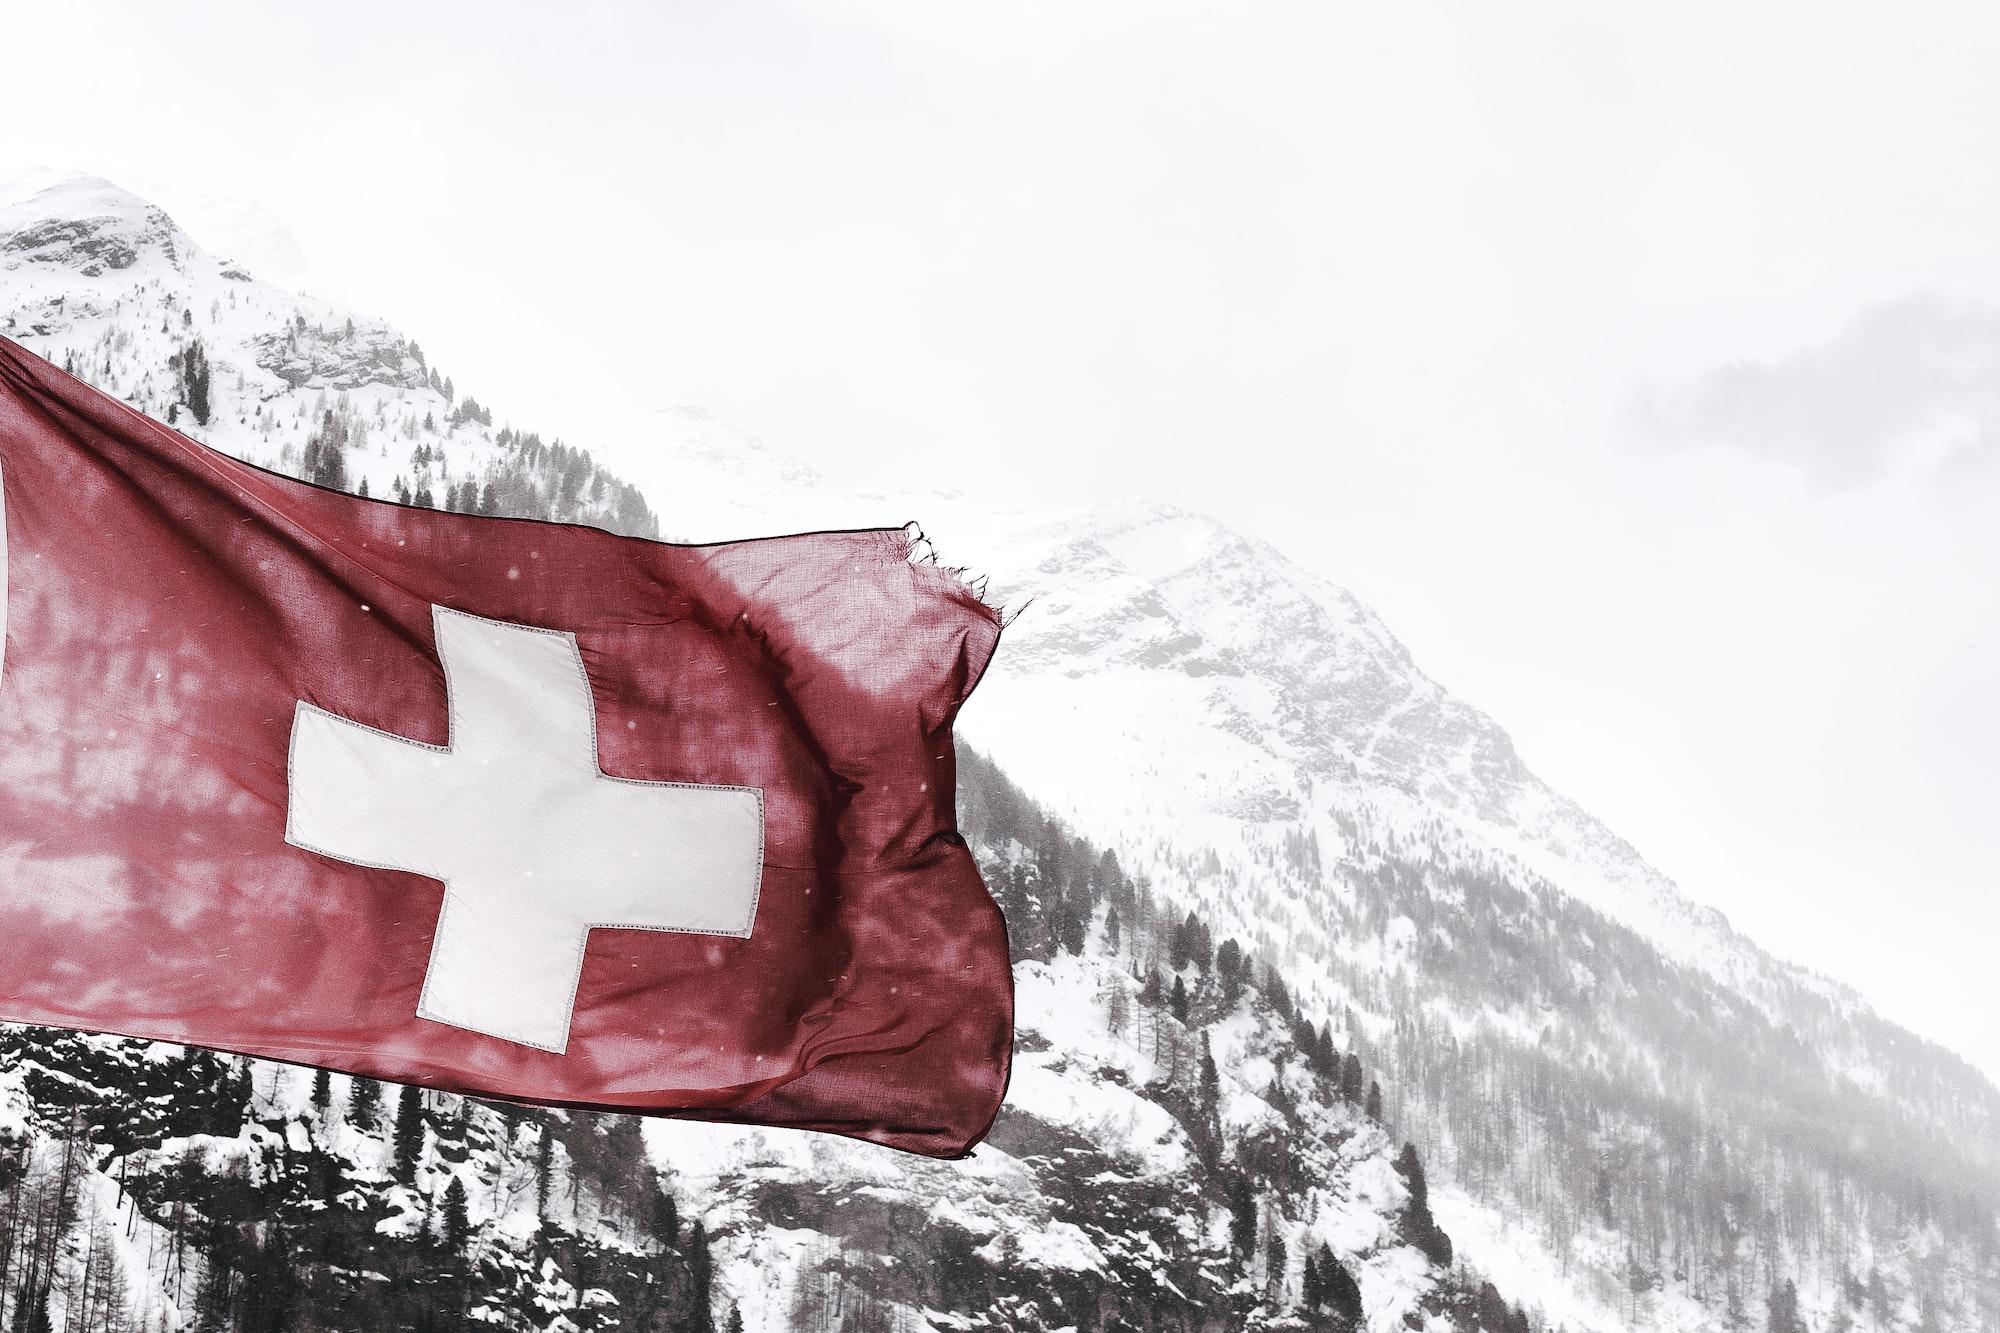 รัฐบาลสวิสมั่นใจกฎหมายภาษีของประเทศสามารถใช้ได้กับคริปโต